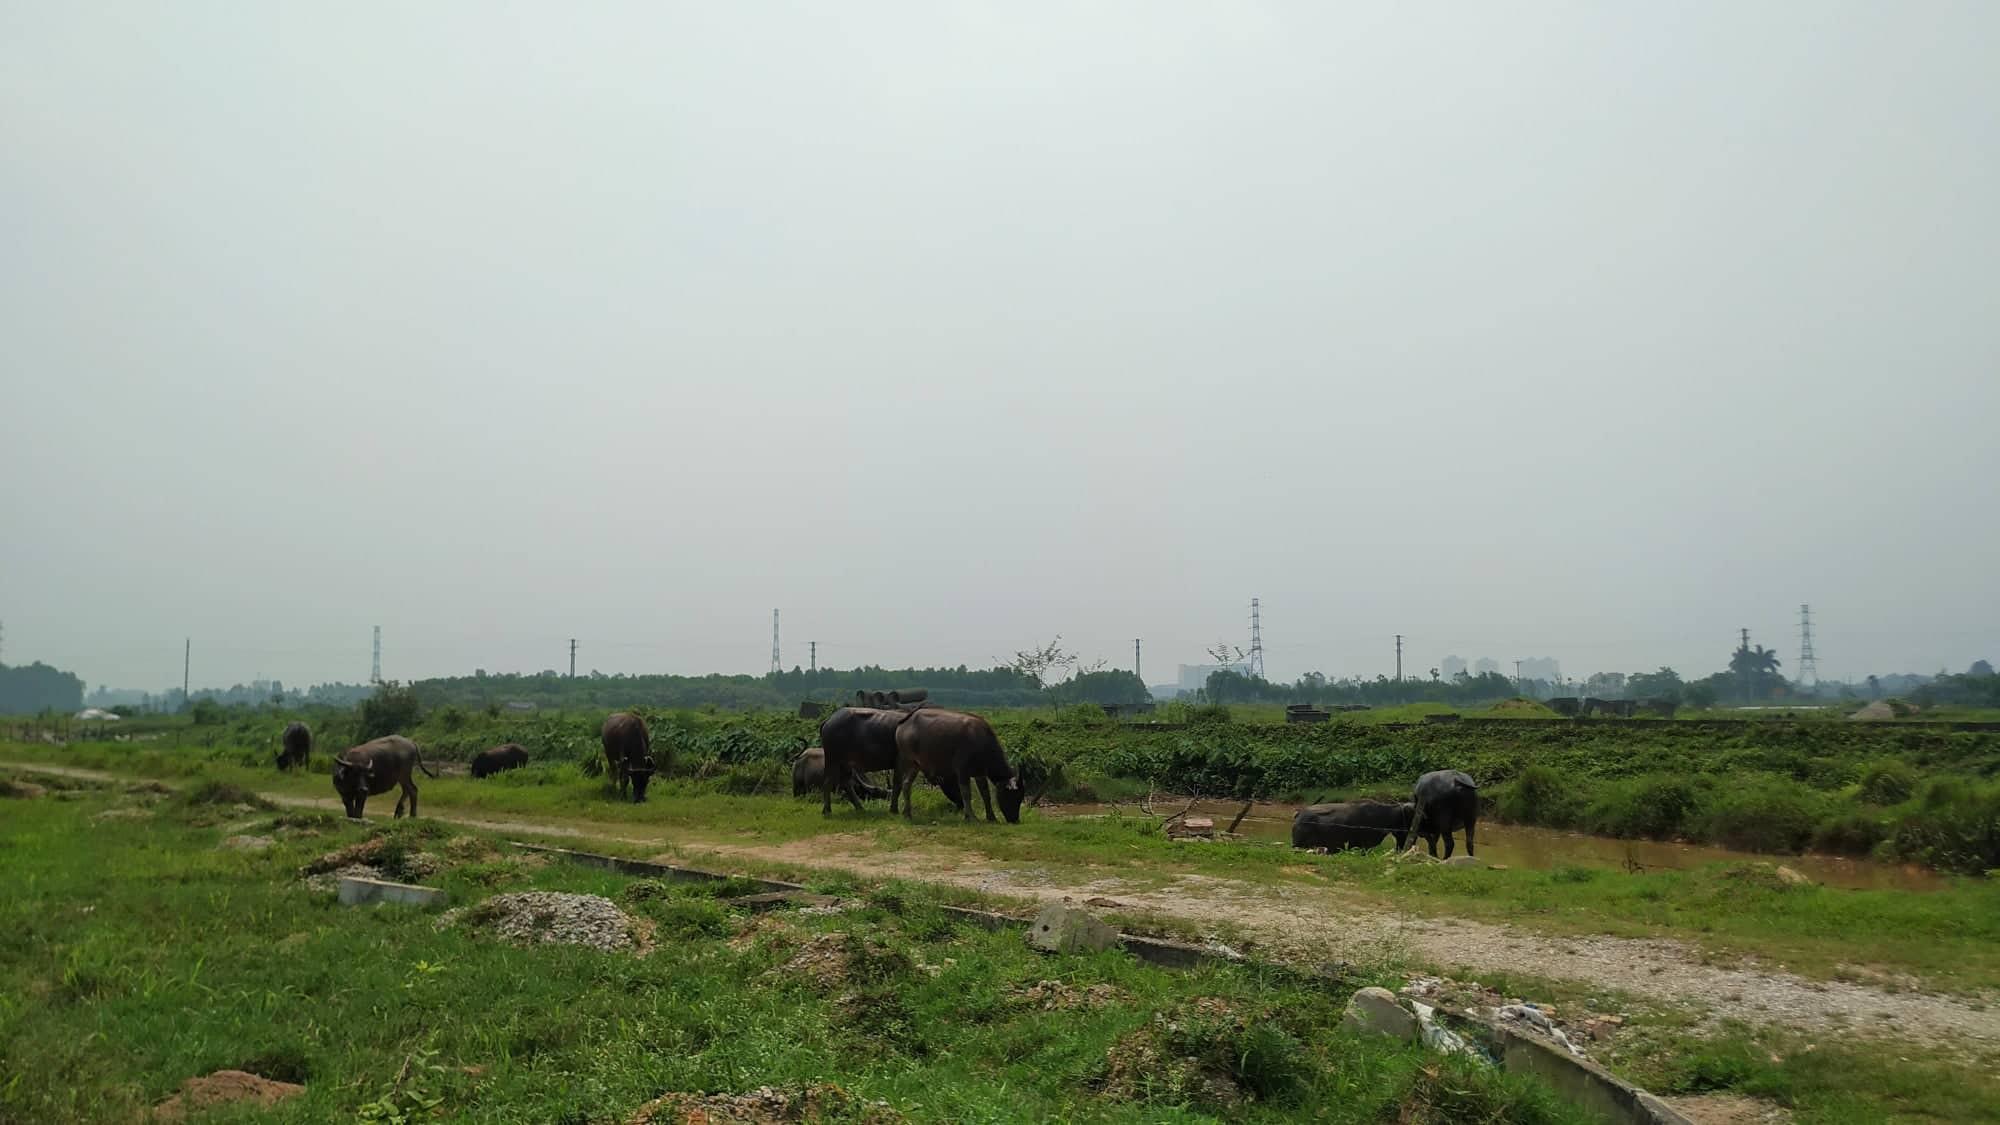 Sau 10 năm xây dựng, 2.000 ha đất hoang tàn, bỏ hoang tại Mê Linh - Ảnh 5.